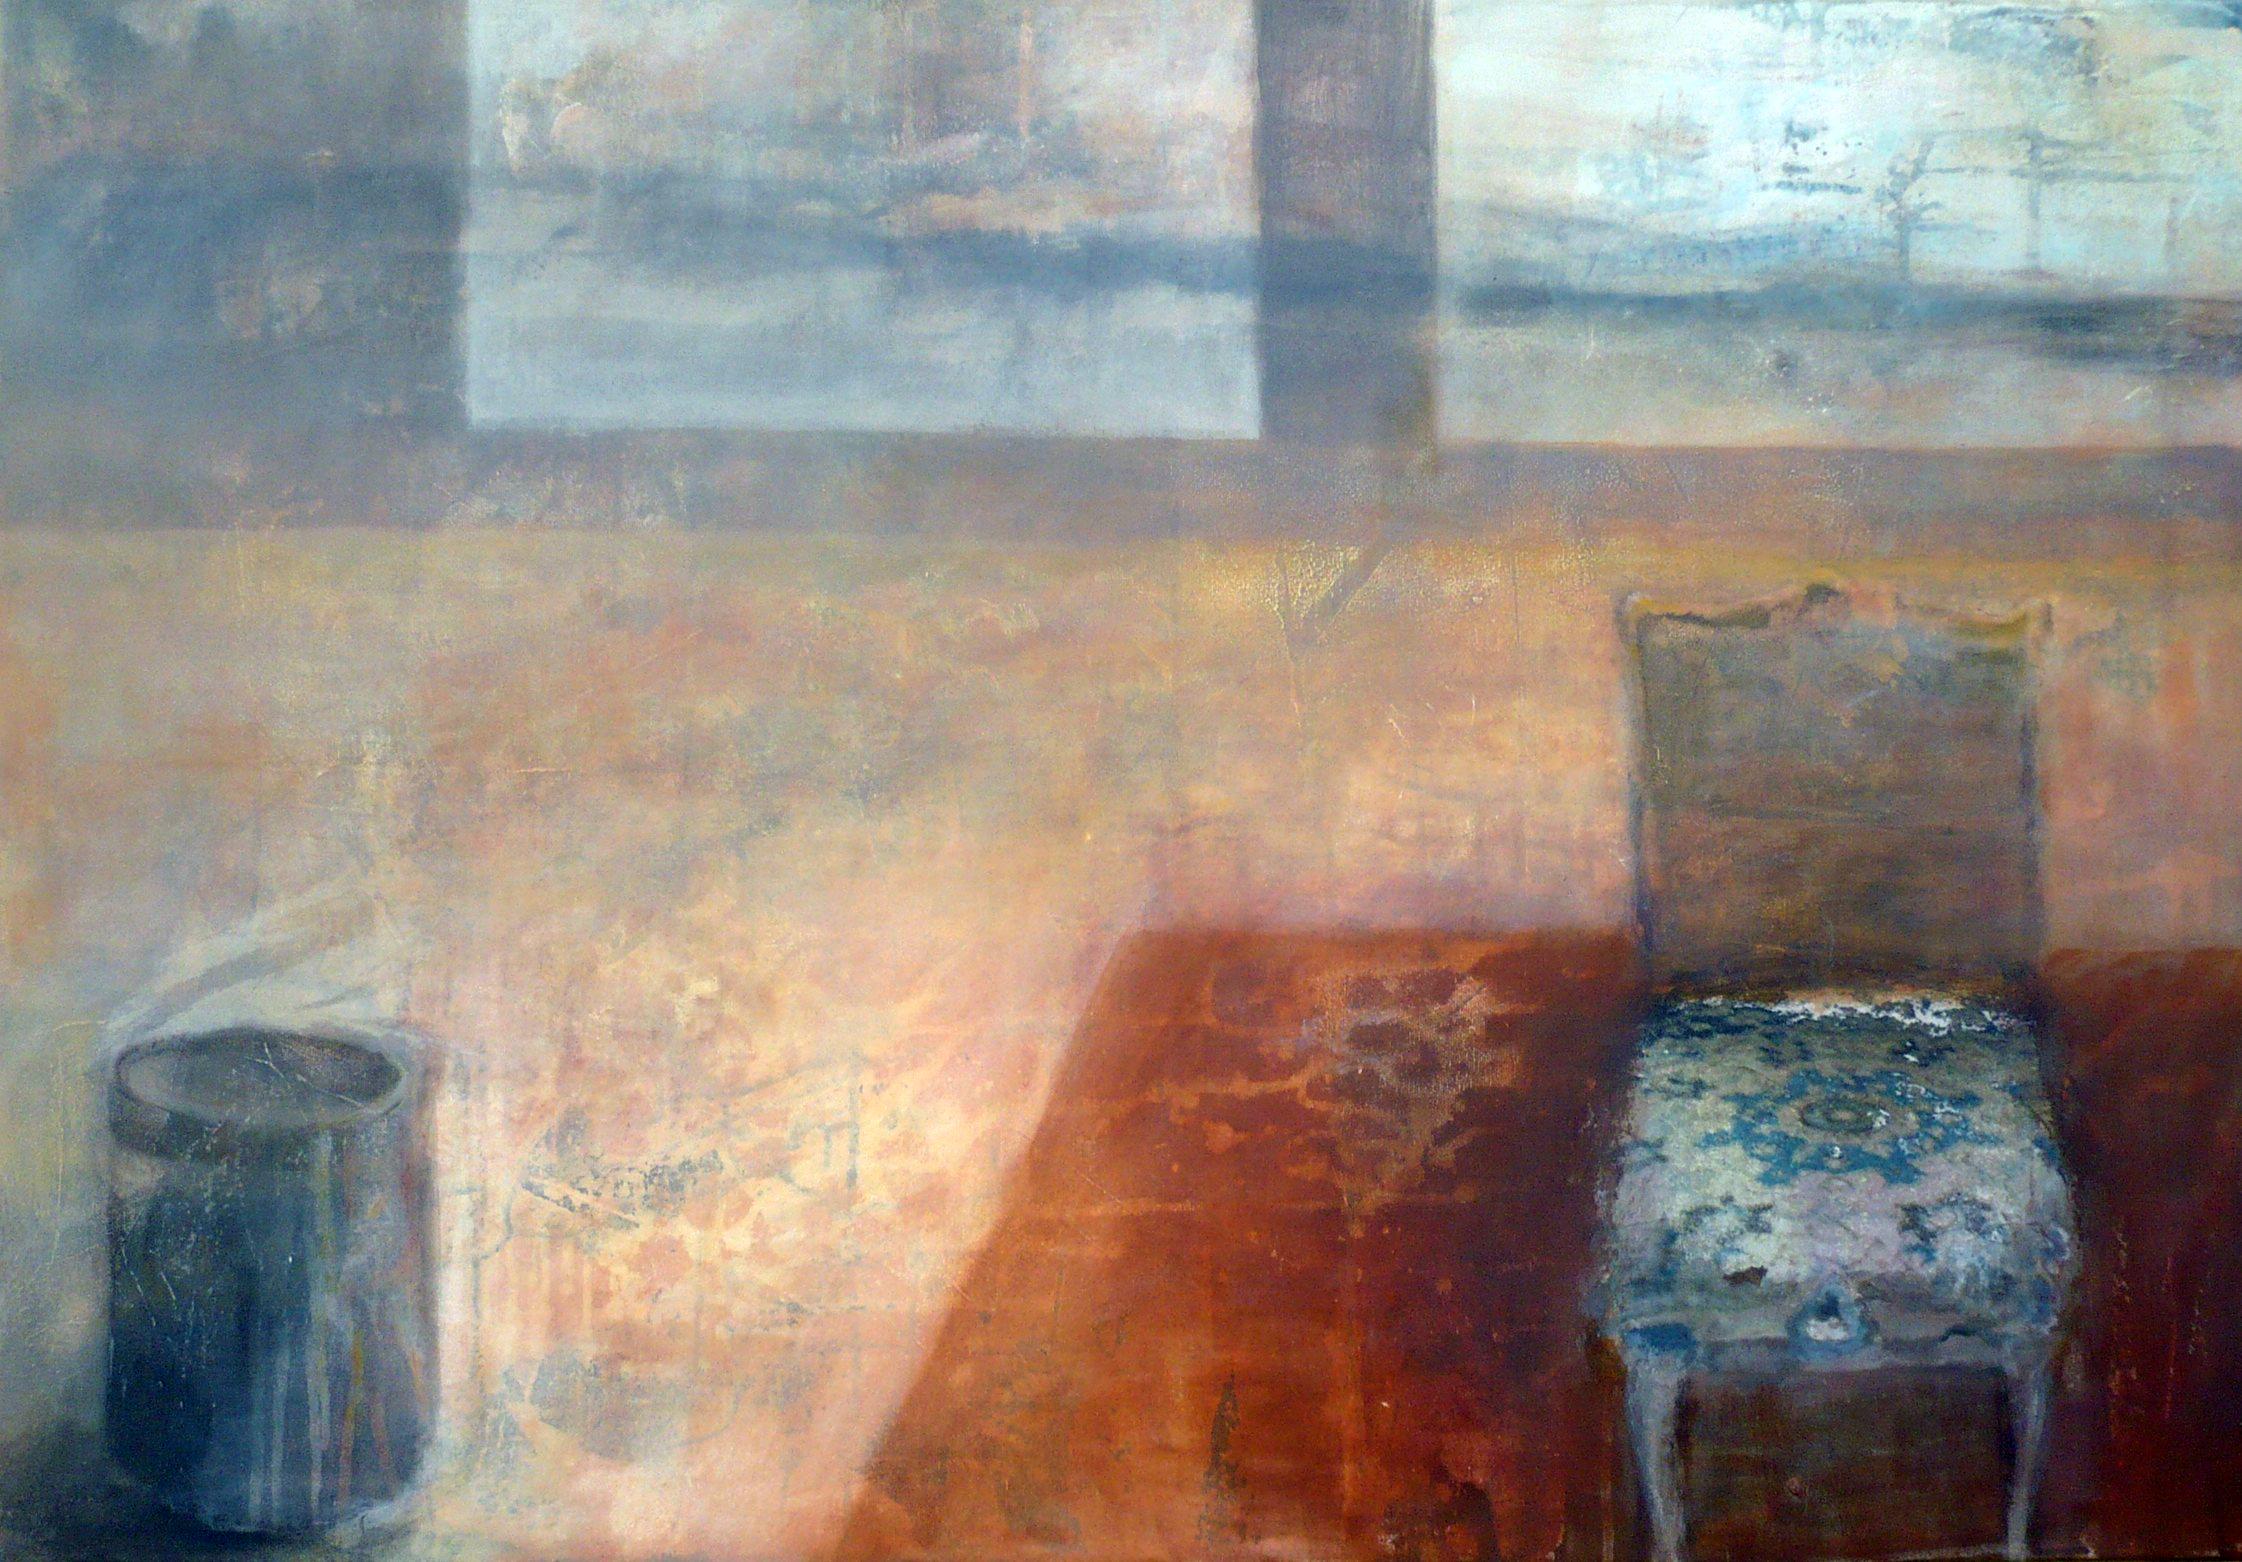 raum-6-70x100-2012